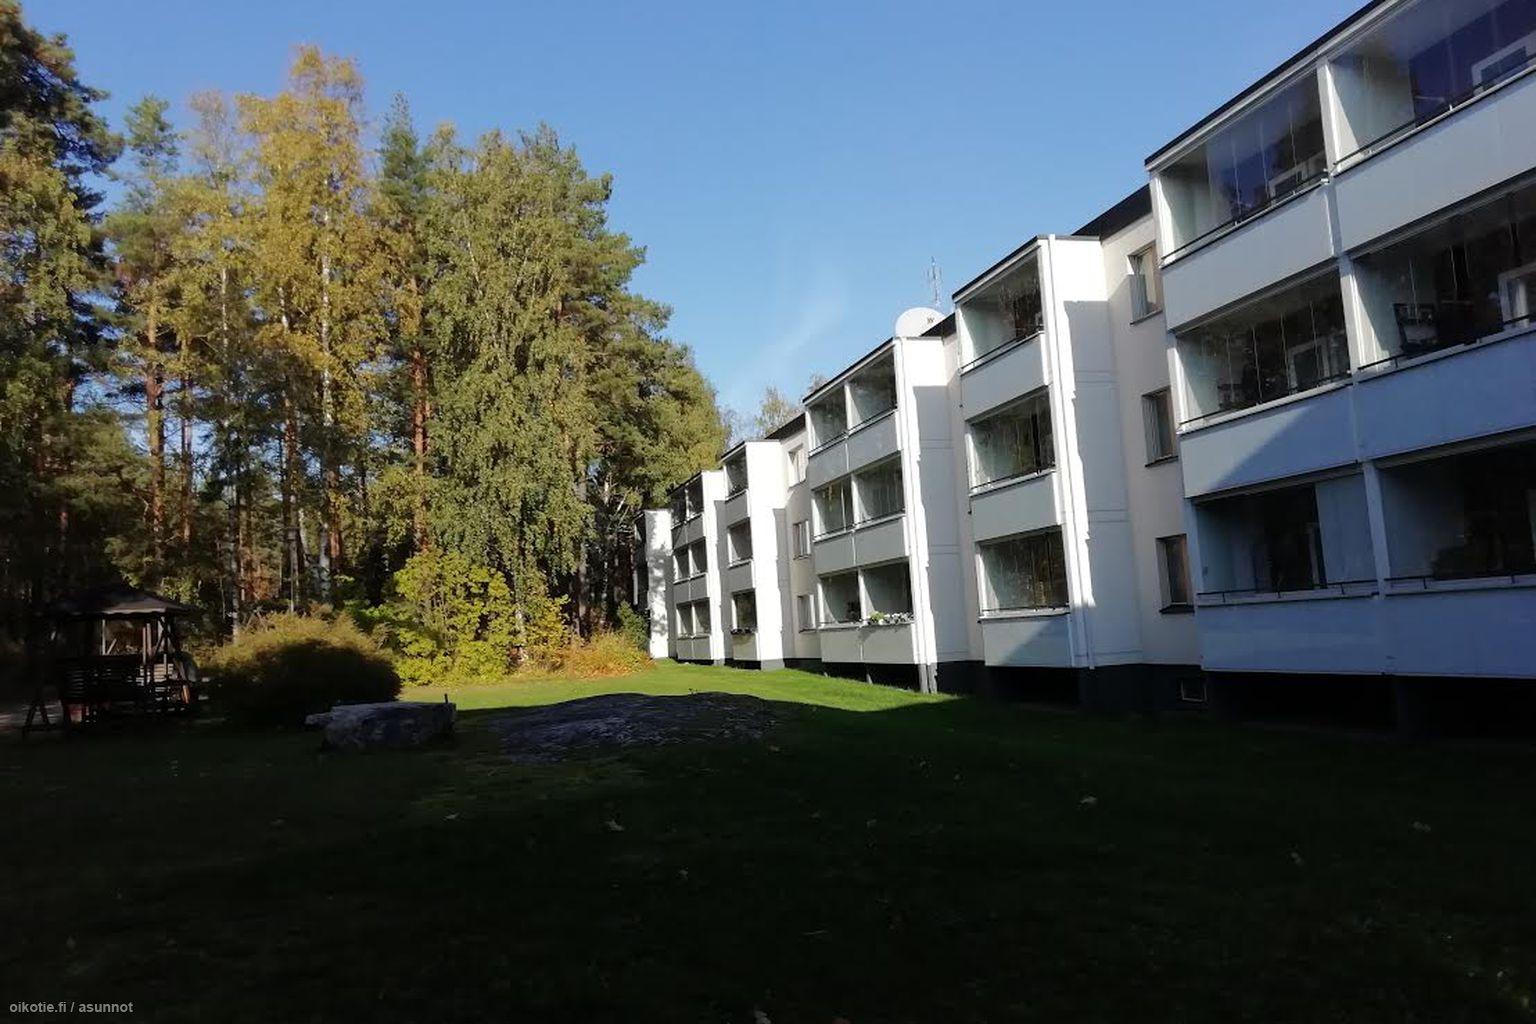 Mätästie 1 K 93, 00770 Helsinki